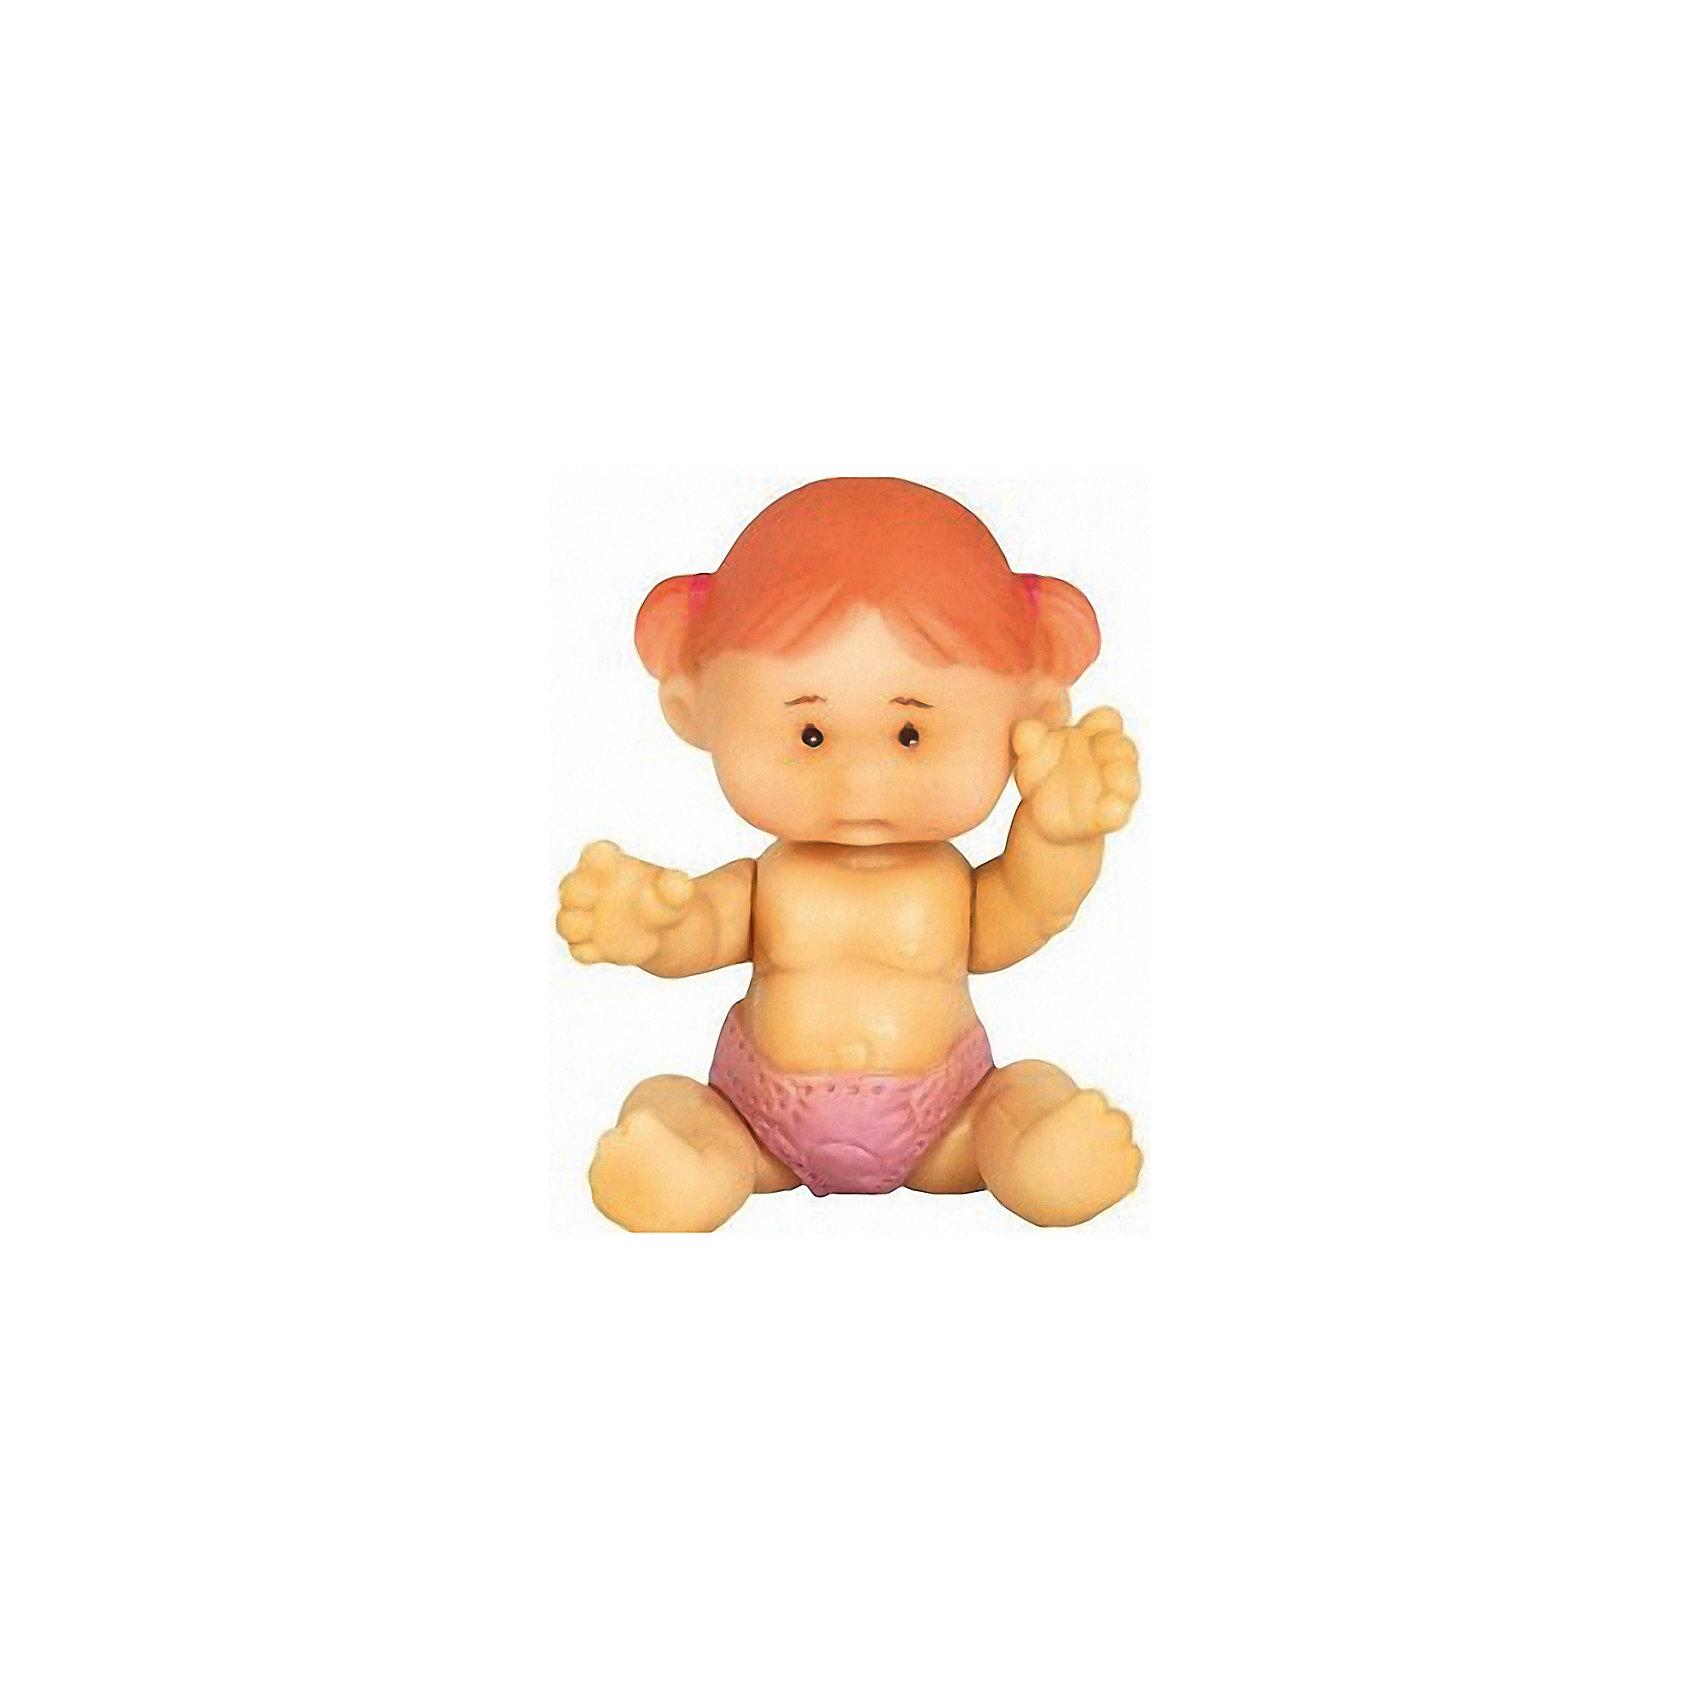 Пупс Мэри Черри, 7см, YogurtinisМилый пупс Мэри Черри не оставит ребенка равнодушным. Ножки и ручки игрушки подвижны. Оригинальное личико, необычное имя и приятный запах фруктового йогурта вызовут море позитивных эмоций у малыша.<br><br>Дополнительная информация:<br>Материал: пластик, ароматизатор<br>Высота пупса: 7 см<br>Пупса Мэри Черри можно приобрести в нашем интернет-магазине.<br><br>Ширина мм: 75<br>Глубина мм: 75<br>Высота мм: 70<br>Вес г: 20<br>Возраст от месяцев: 36<br>Возраст до месяцев: 84<br>Пол: Женский<br>Возраст: Детский<br>SKU: 4944595